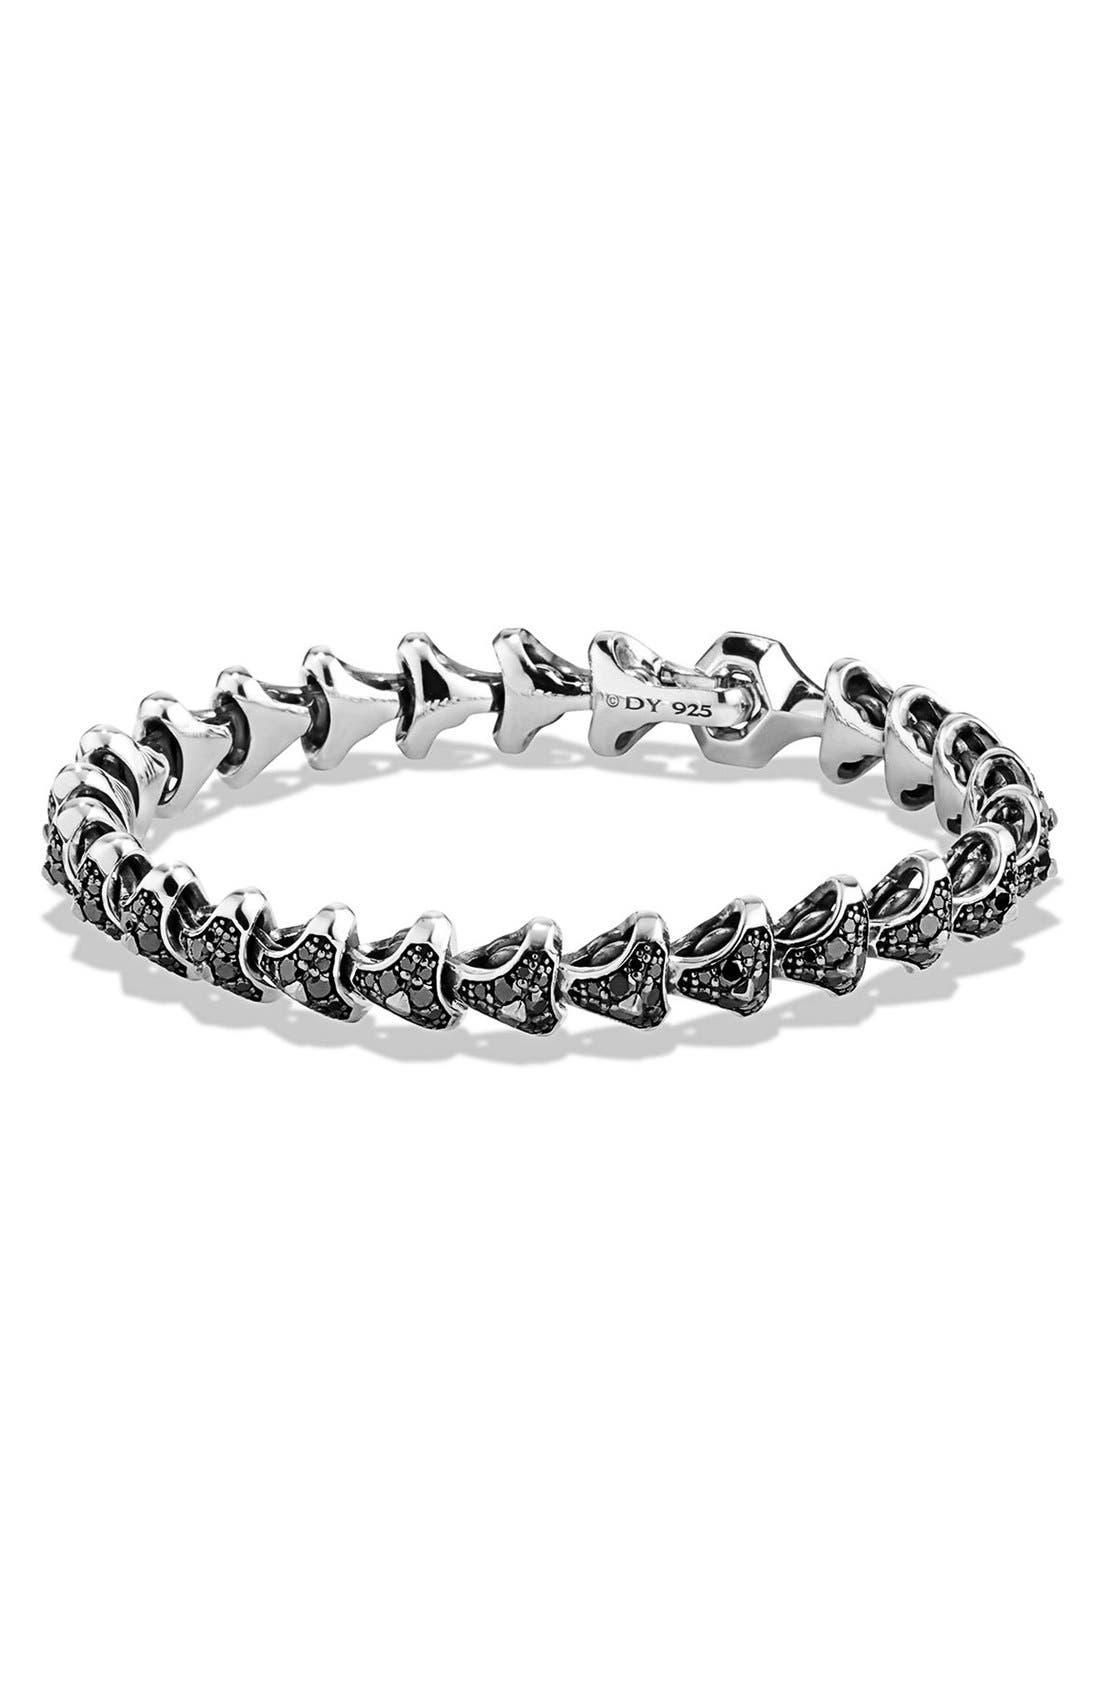 Alternate Image 1 Selected - David Yurman 'Armory' Single Row Link Bracelet with Black Diamonds